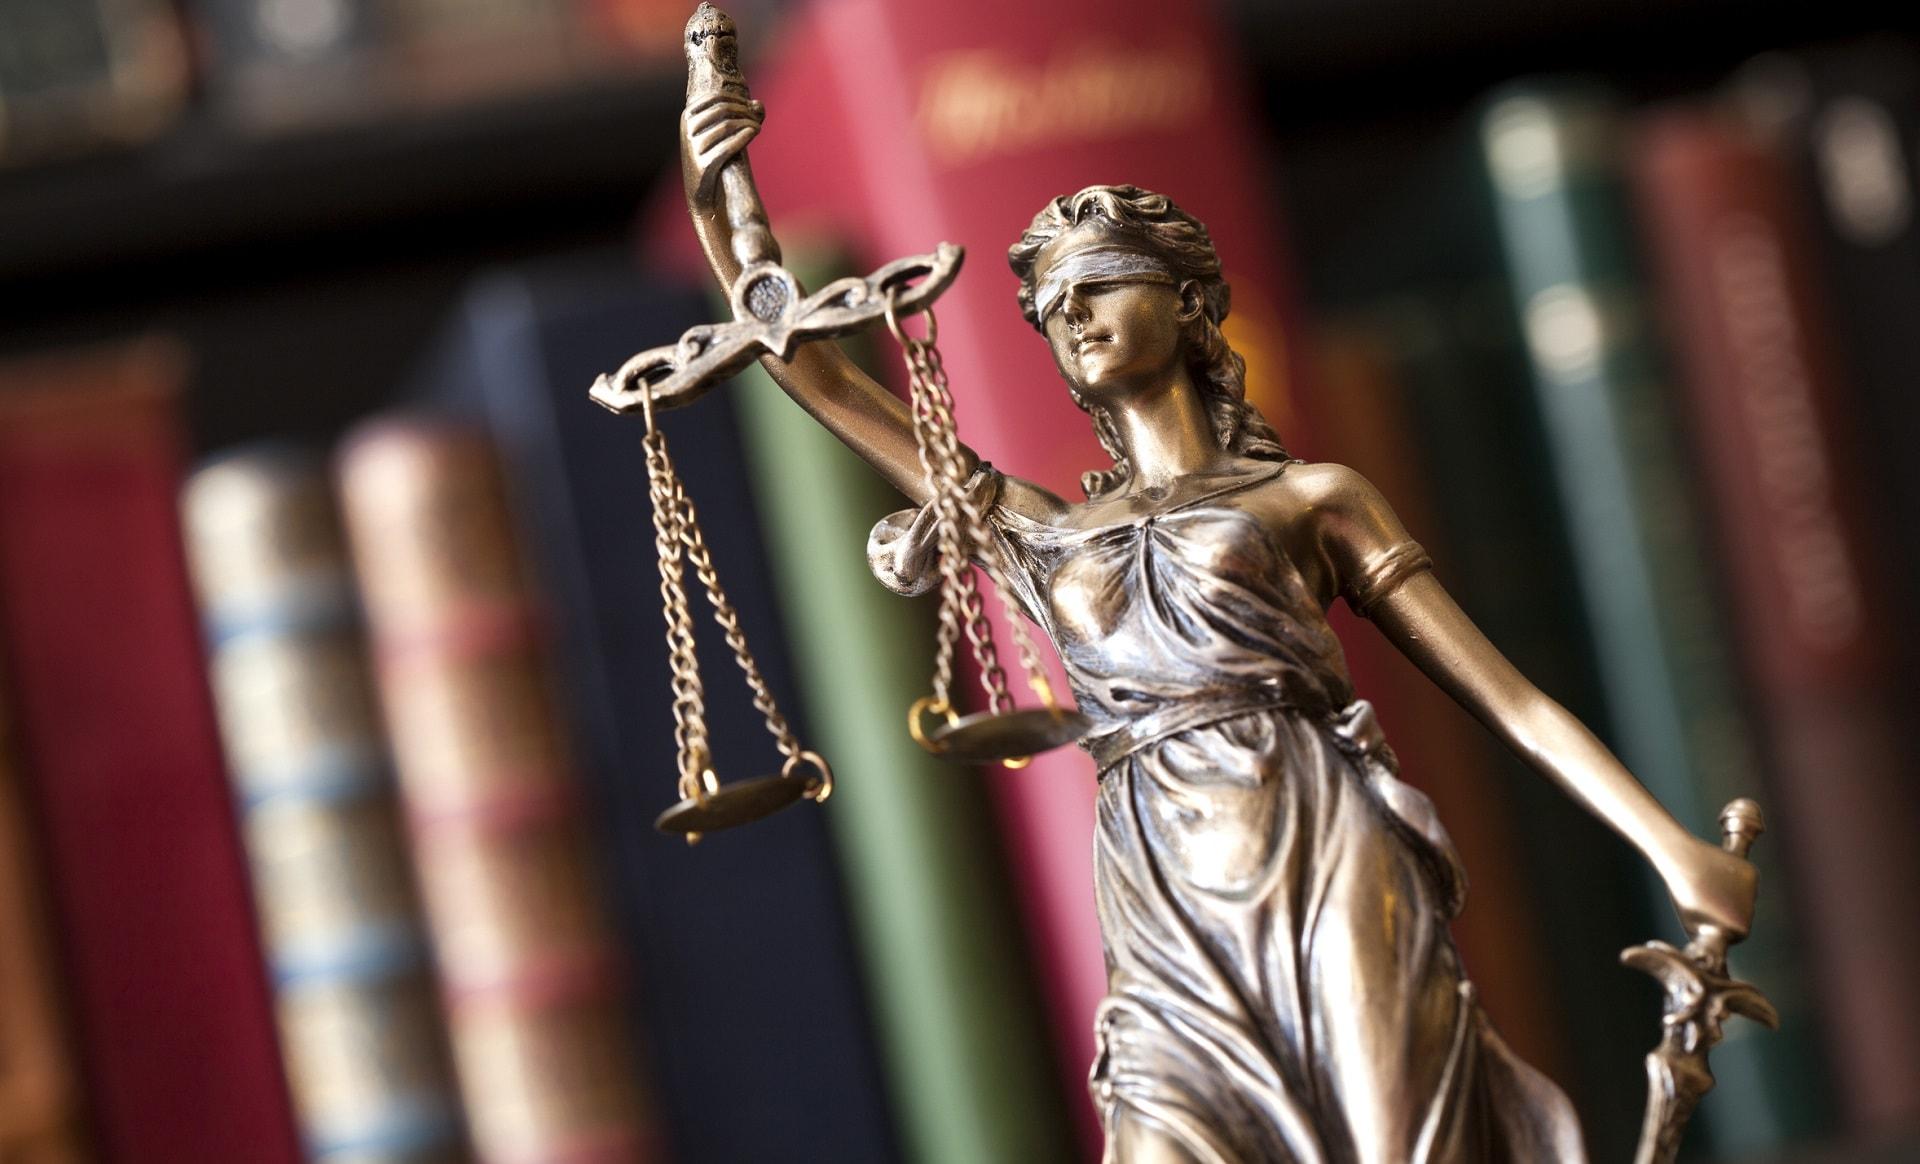 Statue der Gerechtigkeit